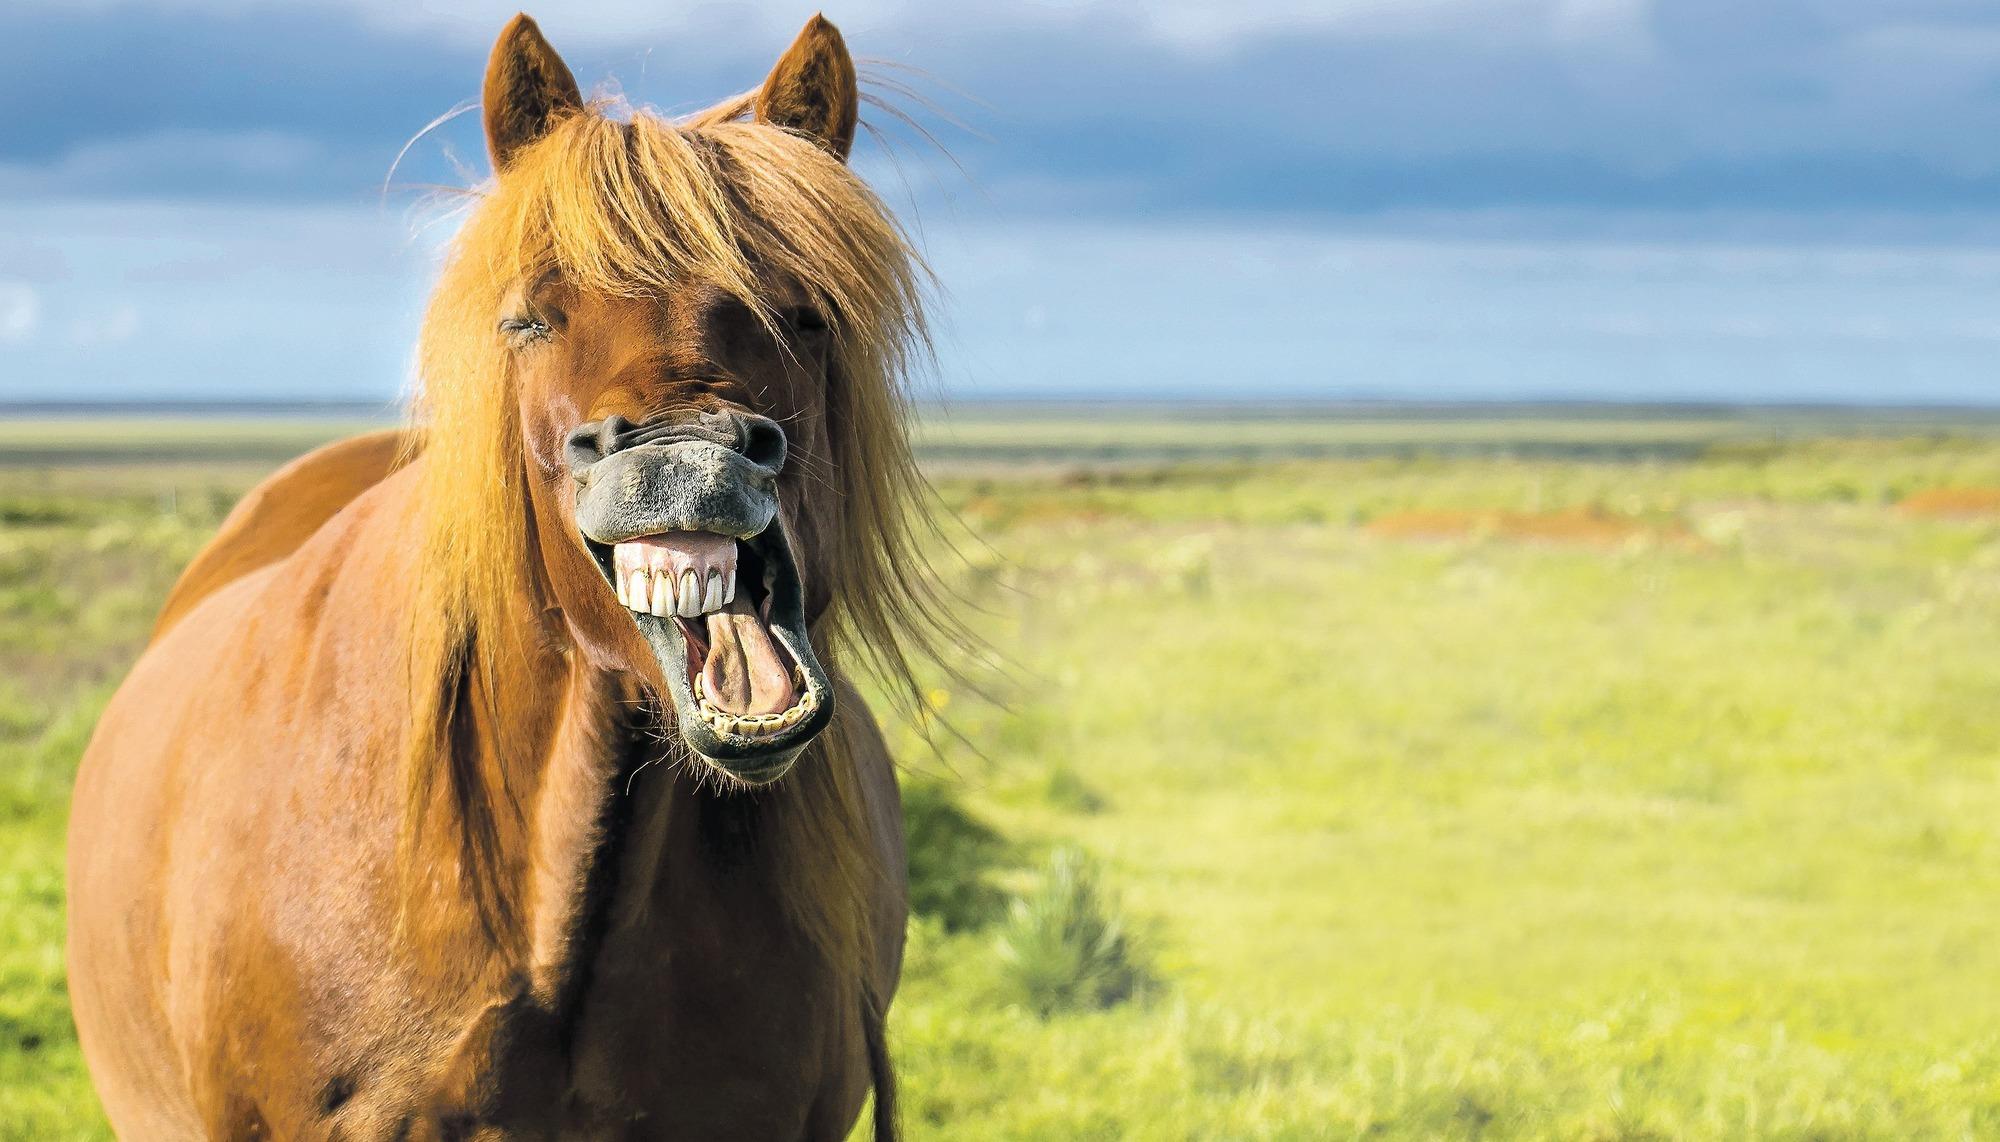 Wie viel PS hat eigentlich ein Pferd? - Rhein-Neckar